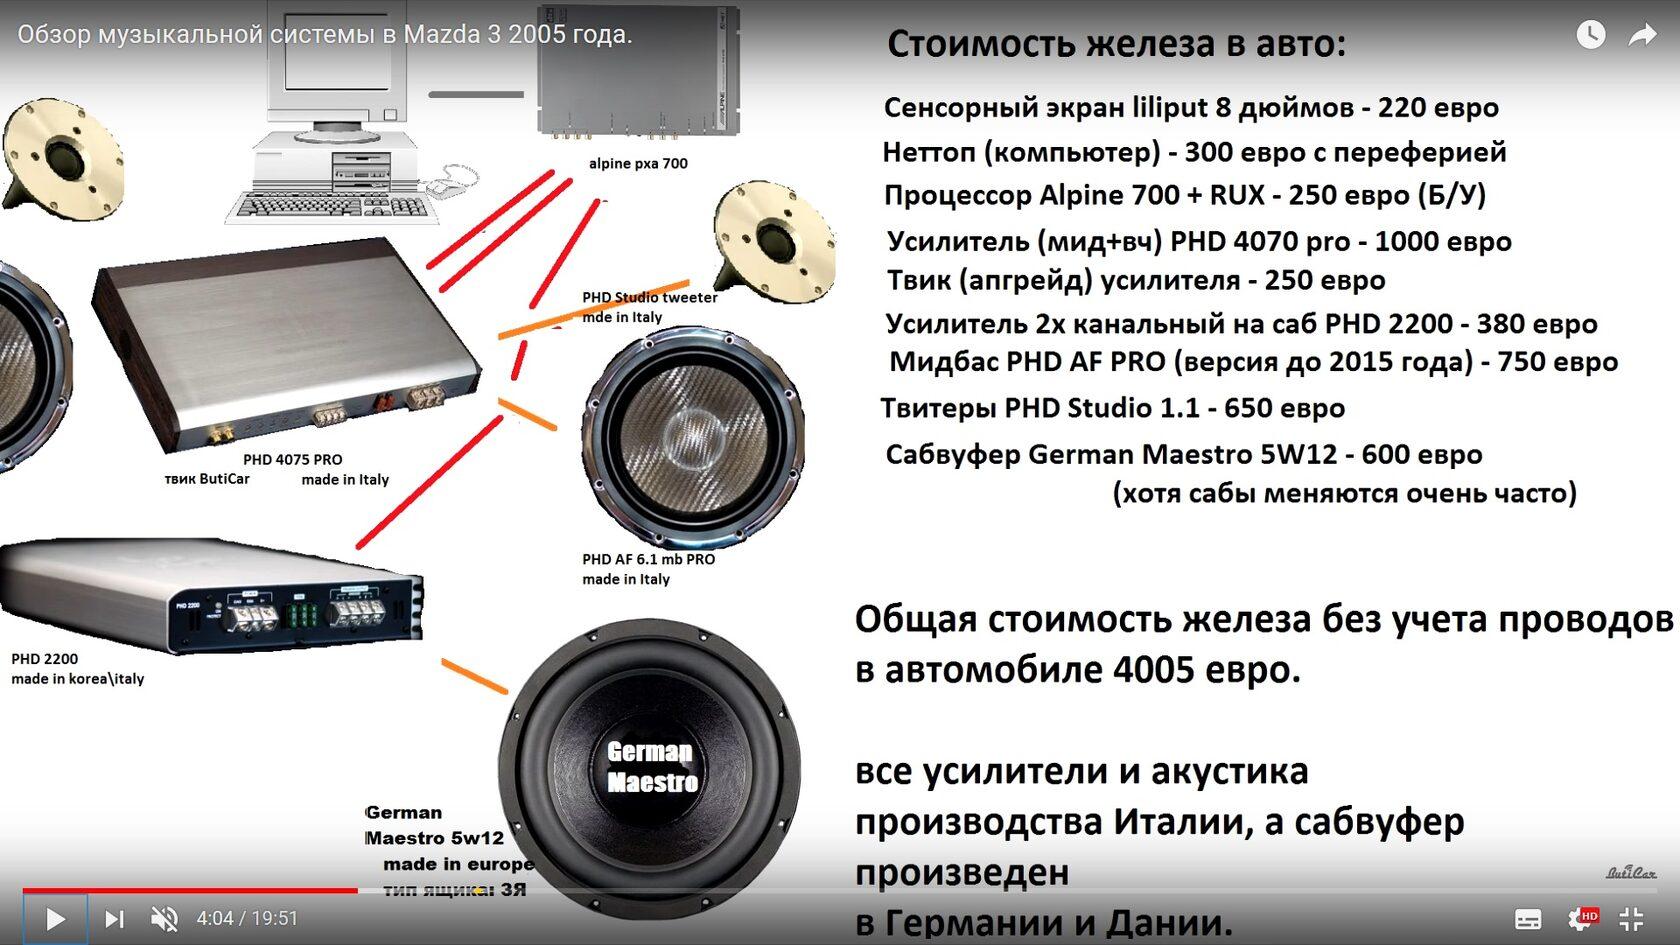 автозвуковая система замена музыки в mazda 3